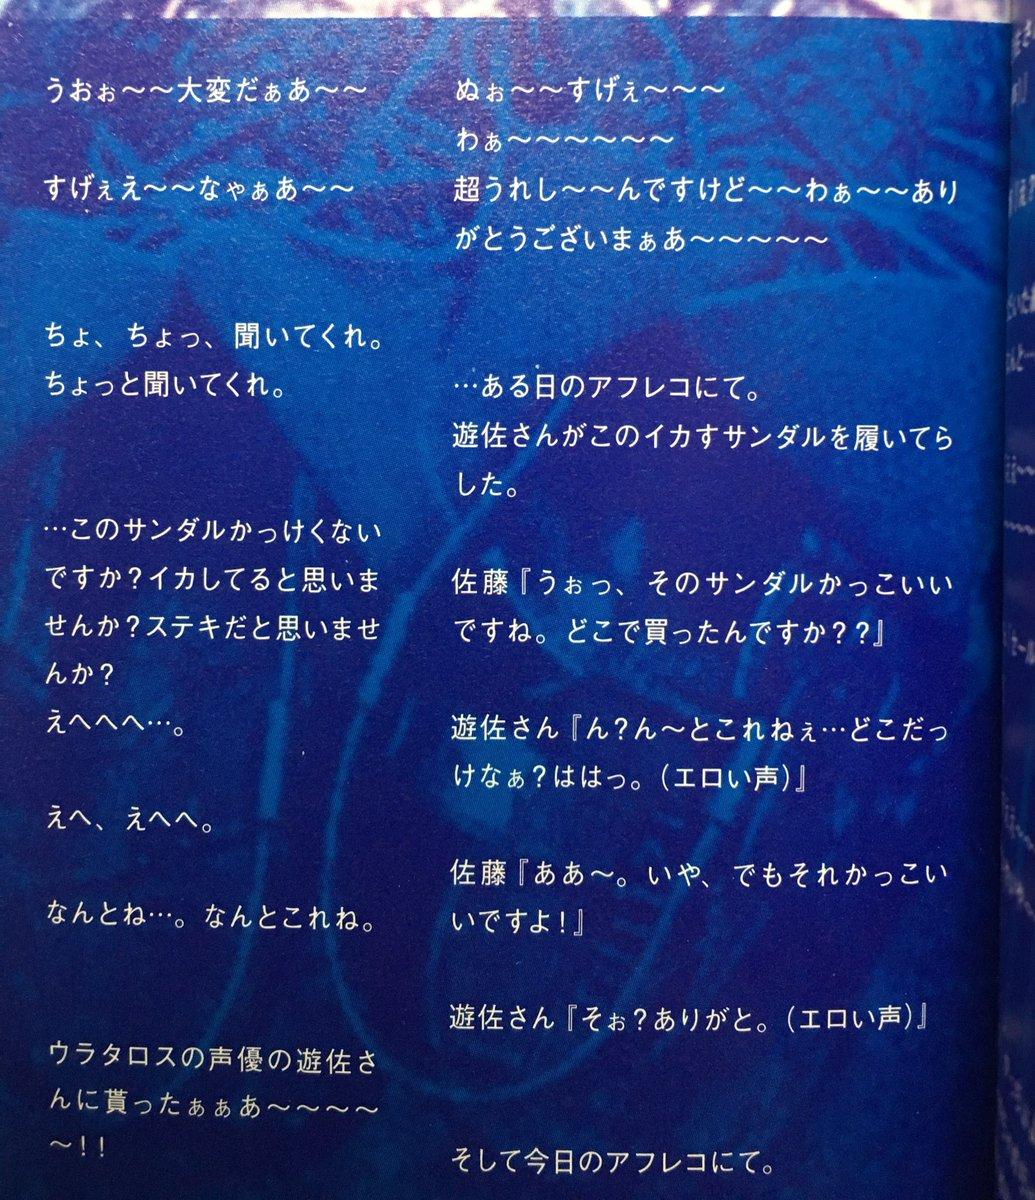 レター 佐藤健 ファン ファンレターの書き方、マナーを守って好印象な書き出しを!